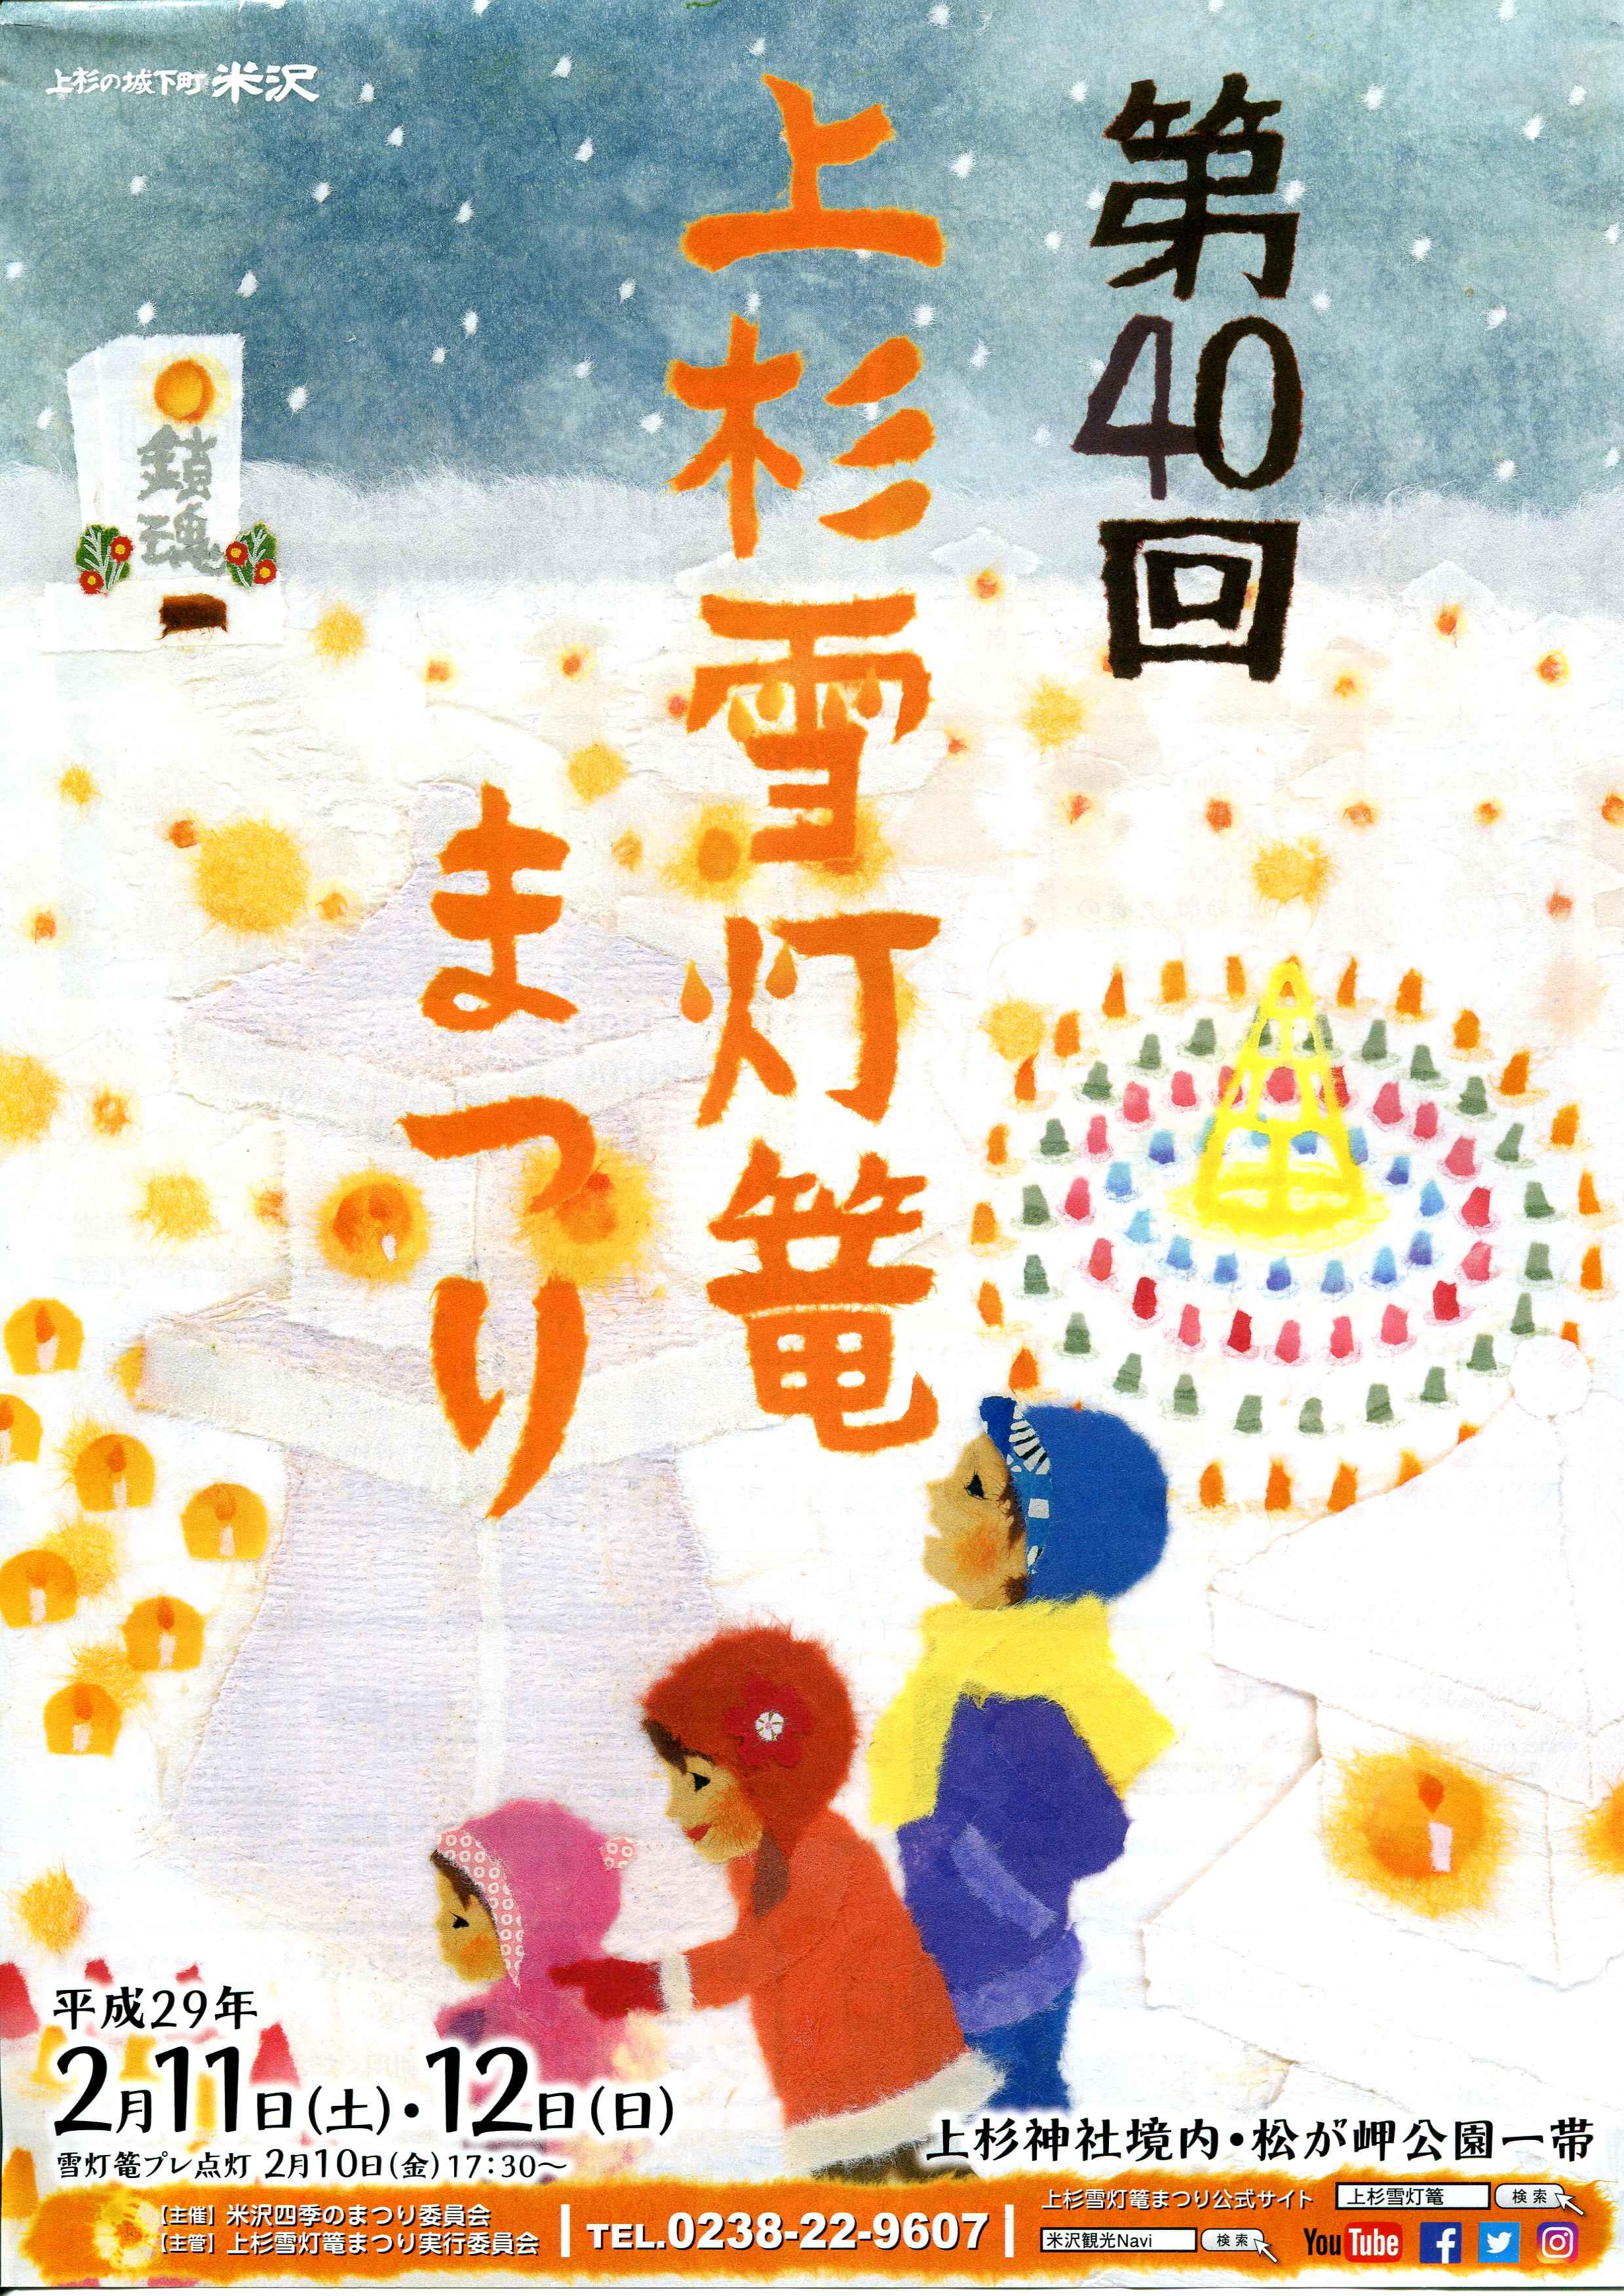 第40回上杉雪灯篭まつり 雪灯篭製作団体募集中!:画像